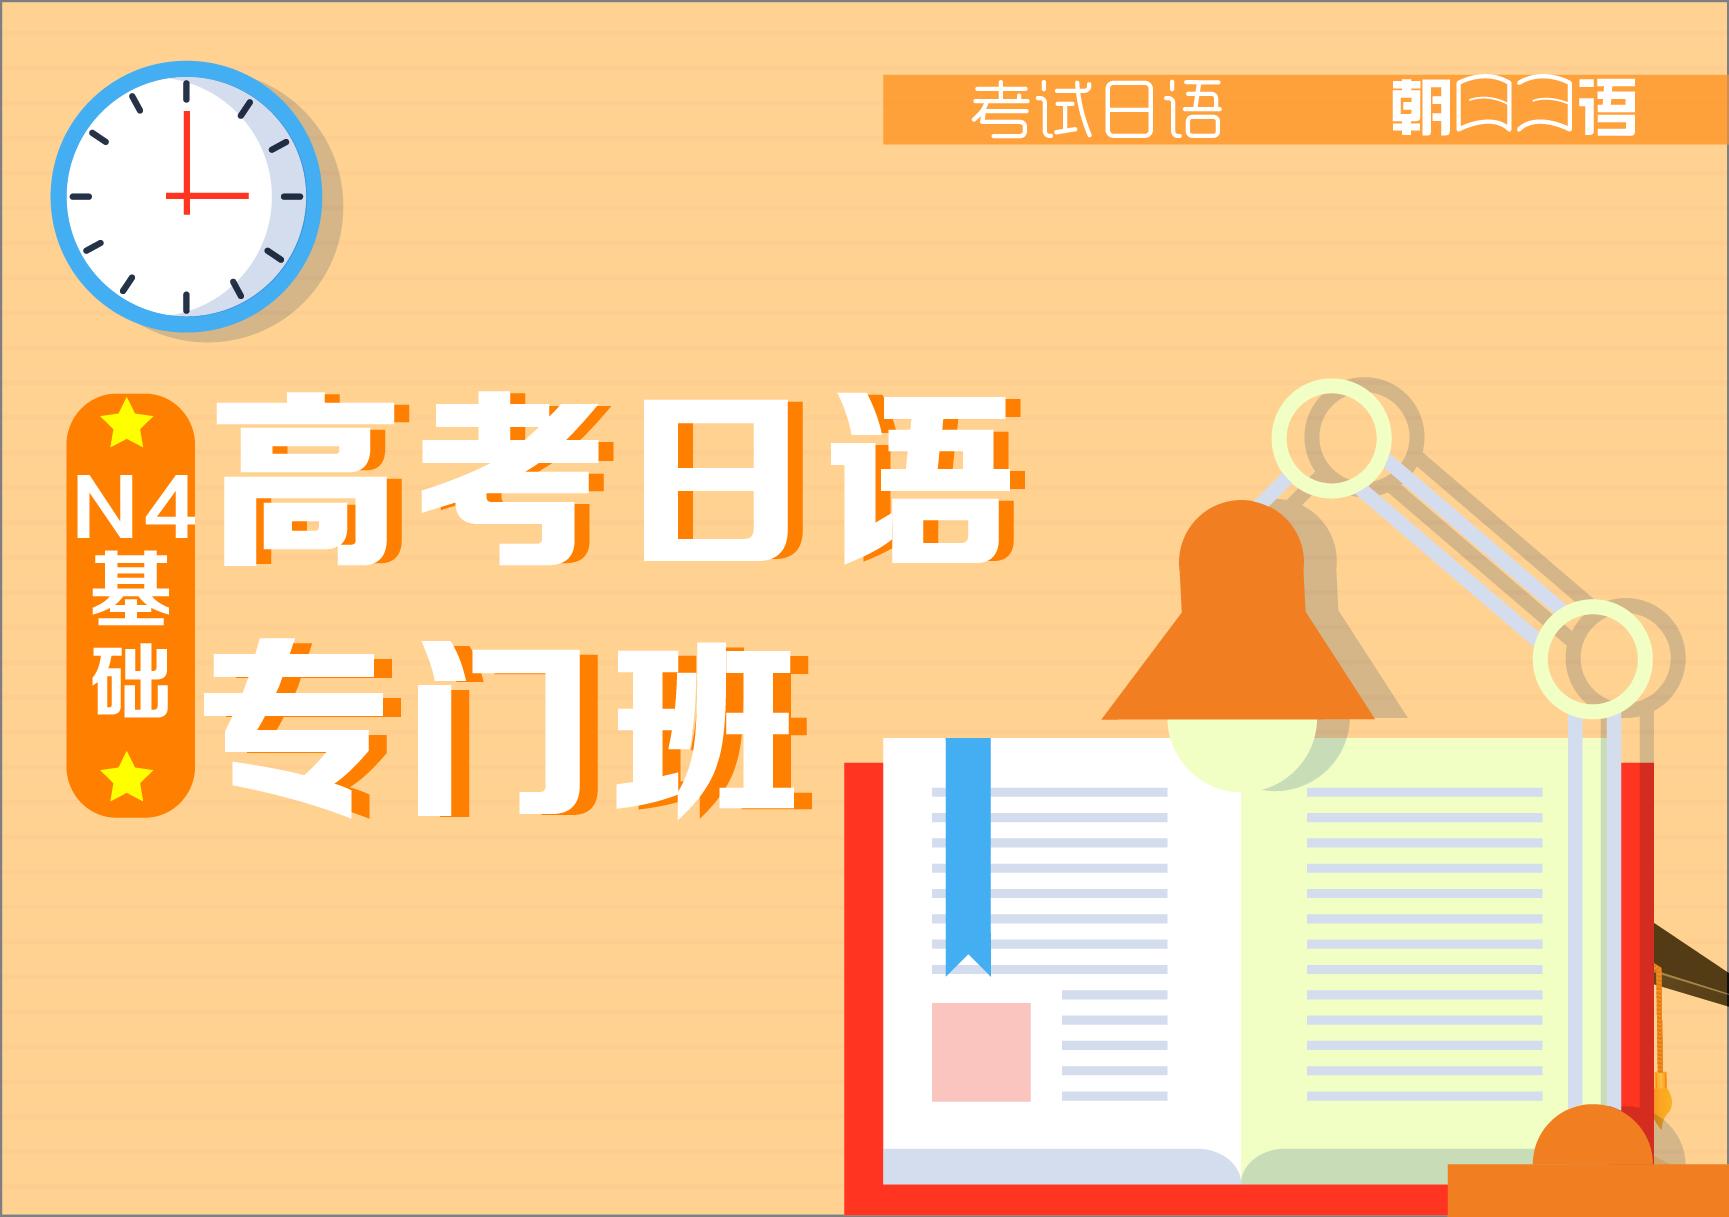 考试日语n4基础专门班-01.jpg